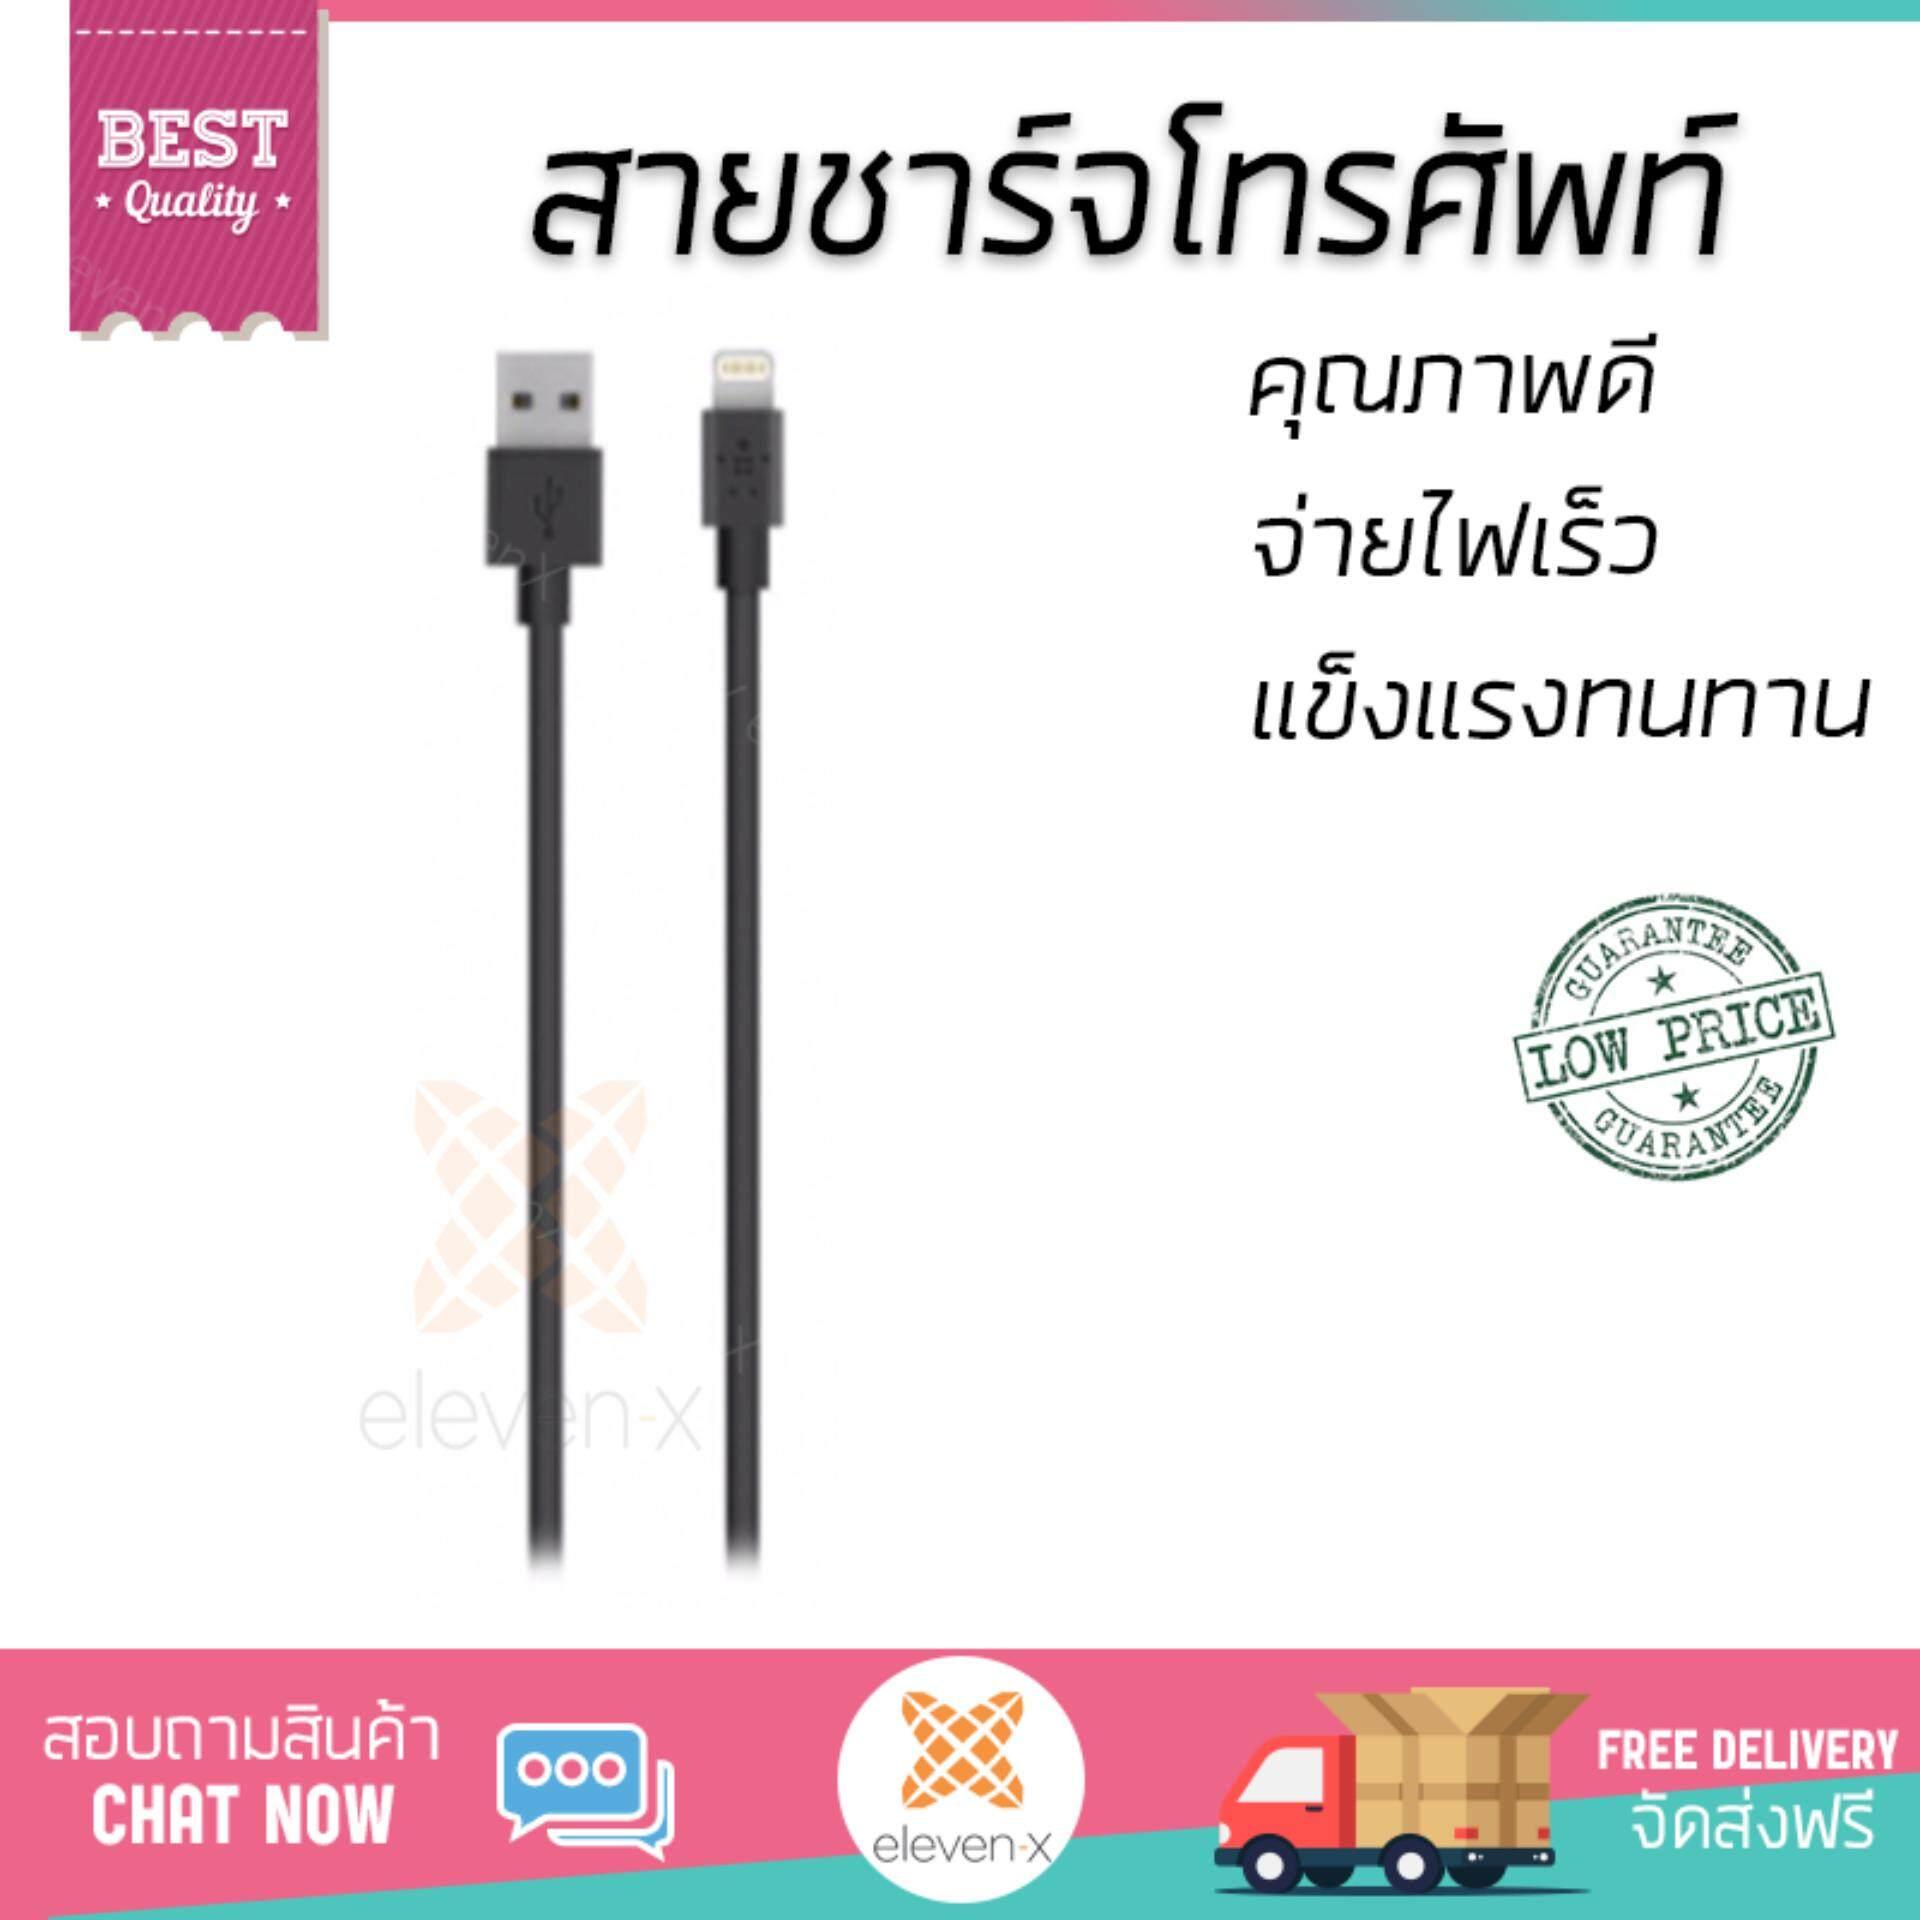 ราคาพิเศษ รุ่นยอดนิยม สายชาร์จโทรศัพท์ Belkin MixIT Lightning Cable 1.2M. Black (F8J023bt04-BLK) สายชาร์จทนทาน แข็งแรง จ่ายไฟเร็ว Mobile Cable จัดส่งฟรี Kerry ทั่วประเทศ